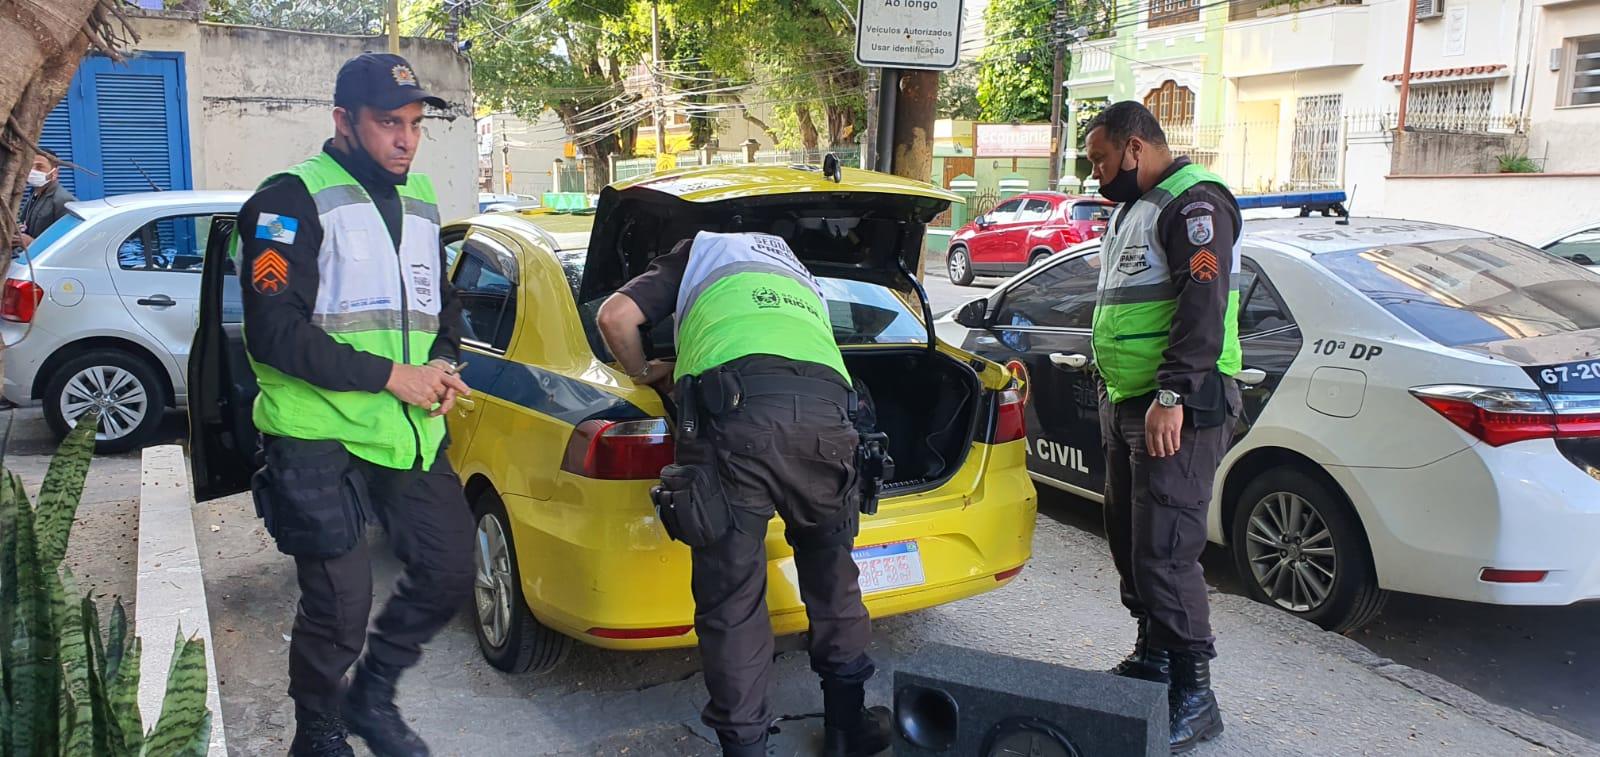 Policiais do Ipanema Presente prendem em flagrante taxista que aplicava golpe da maquininha